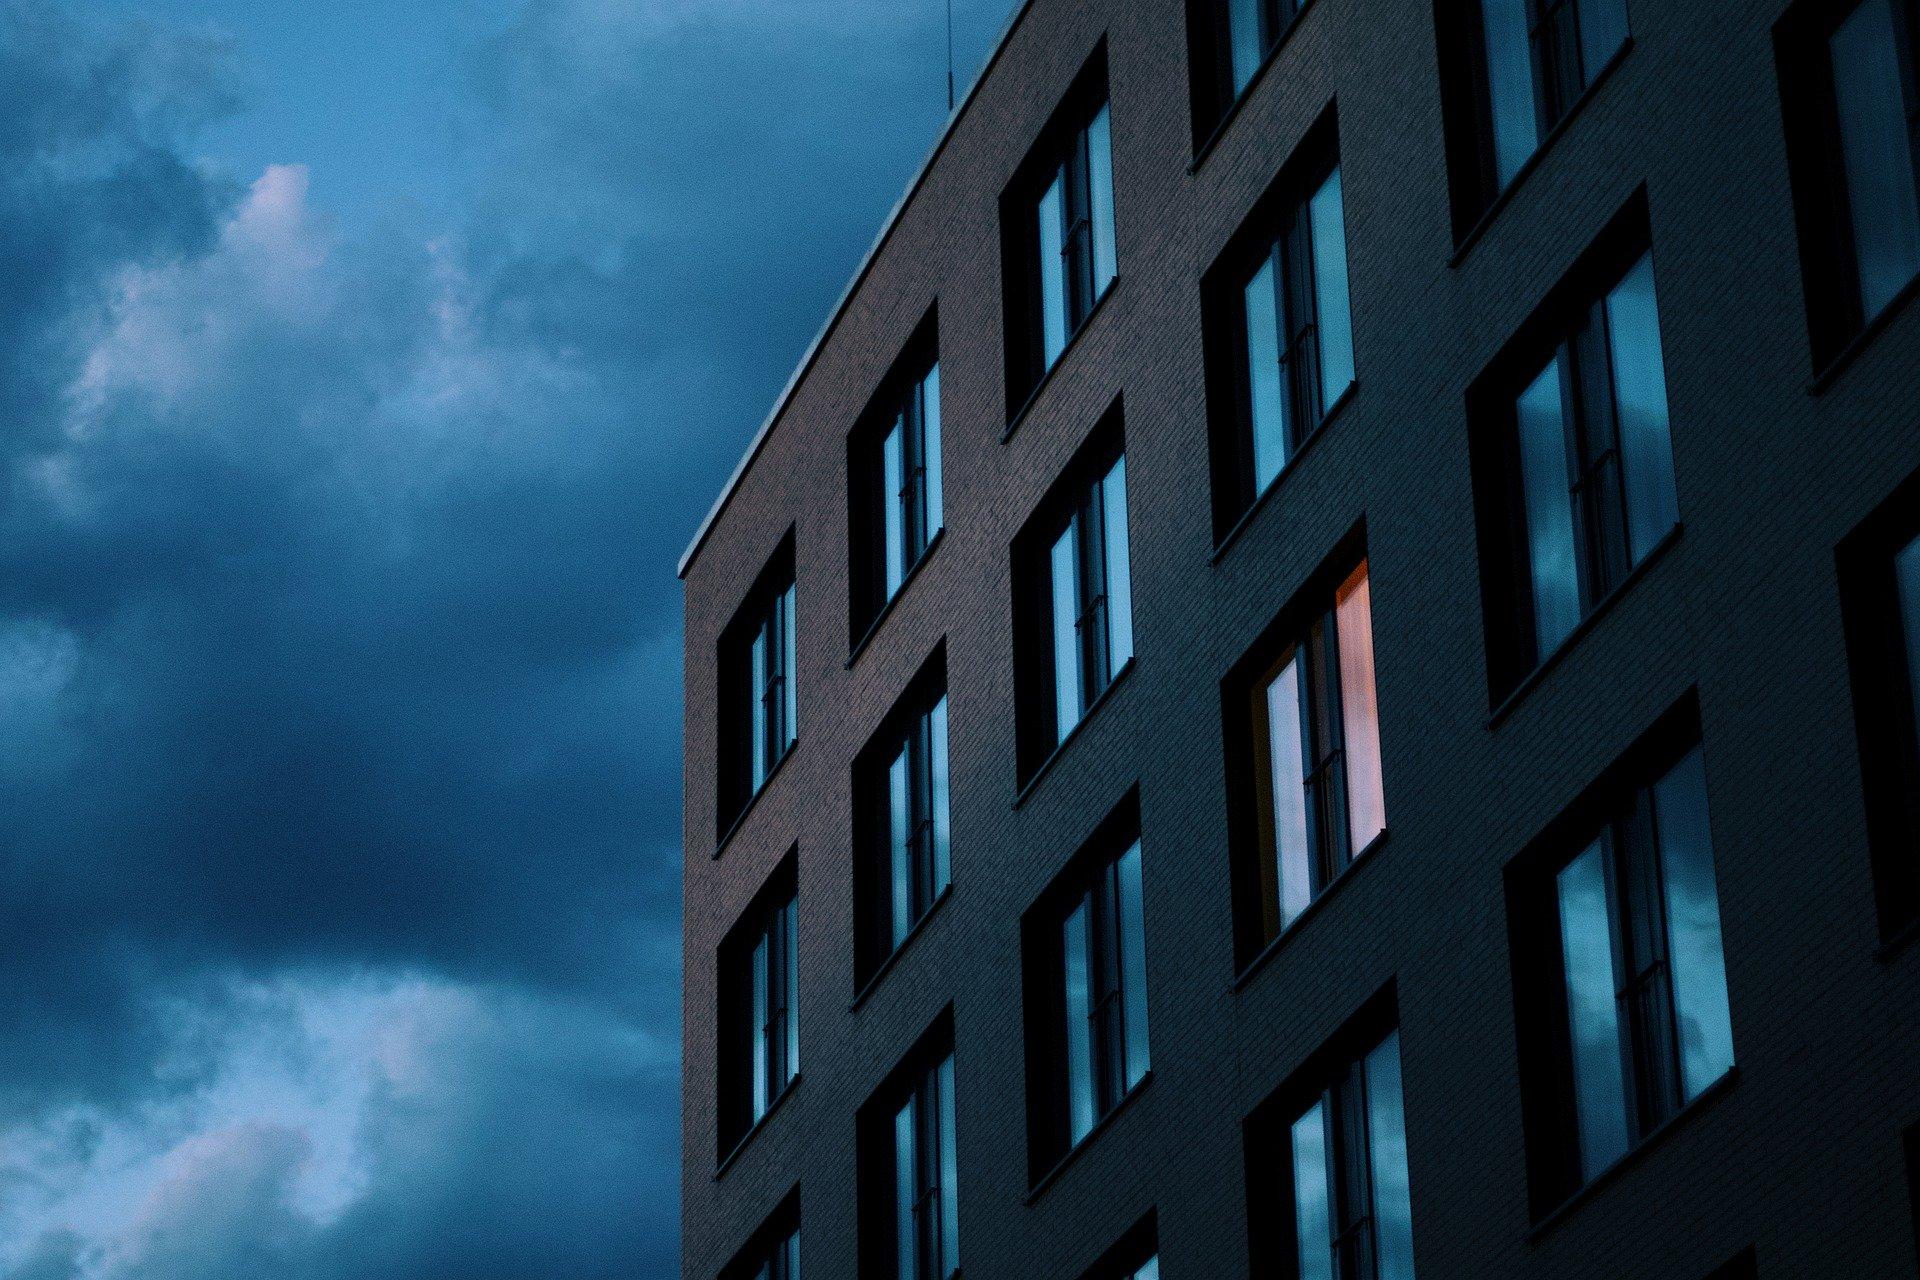 Betriebsschließungsversicherung, Symbolbild leeres Hotel von Valentin J-W from Pixabay